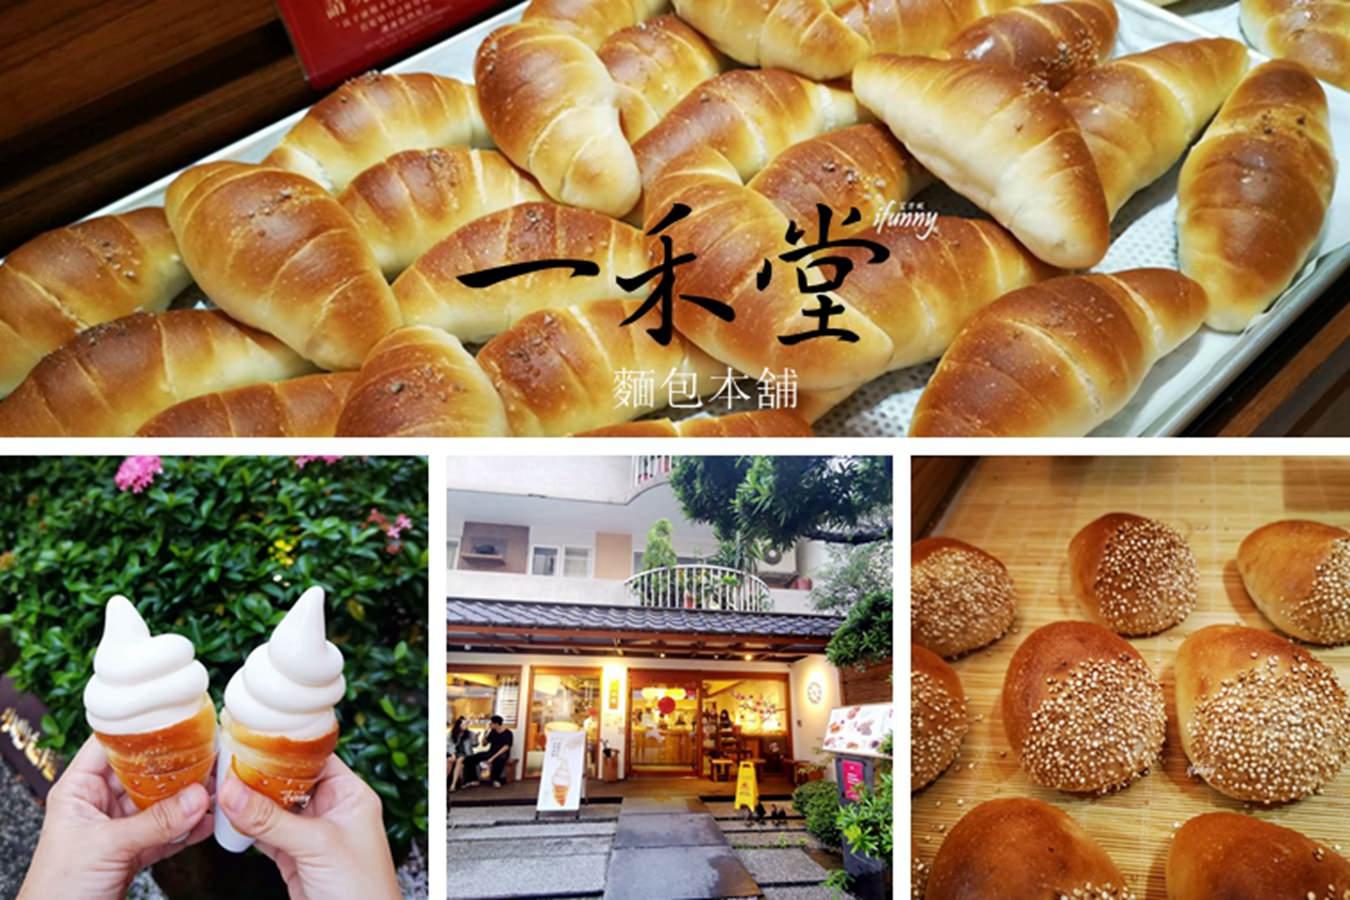 [忠孝敦化站]一禾堂 麵包本舖~除了海鹽奶油捲,其他也好吃~海鹽豆乳冰淇淋健康又美味